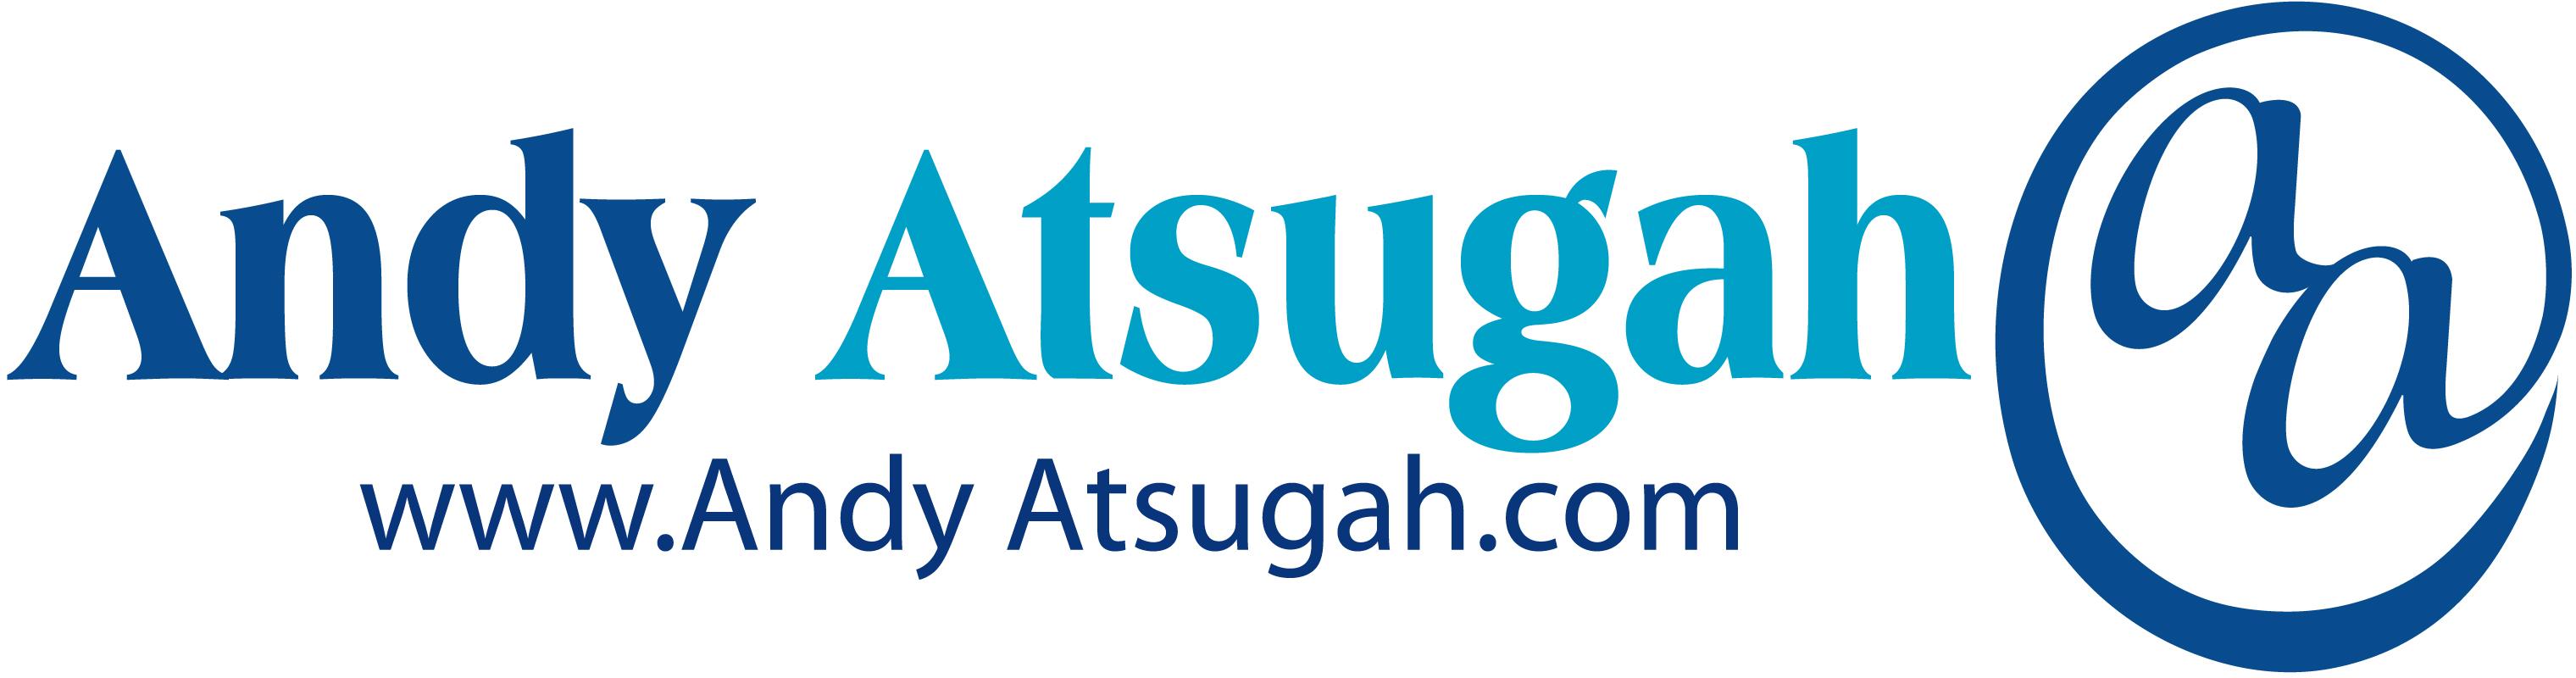 andyatsugah_4